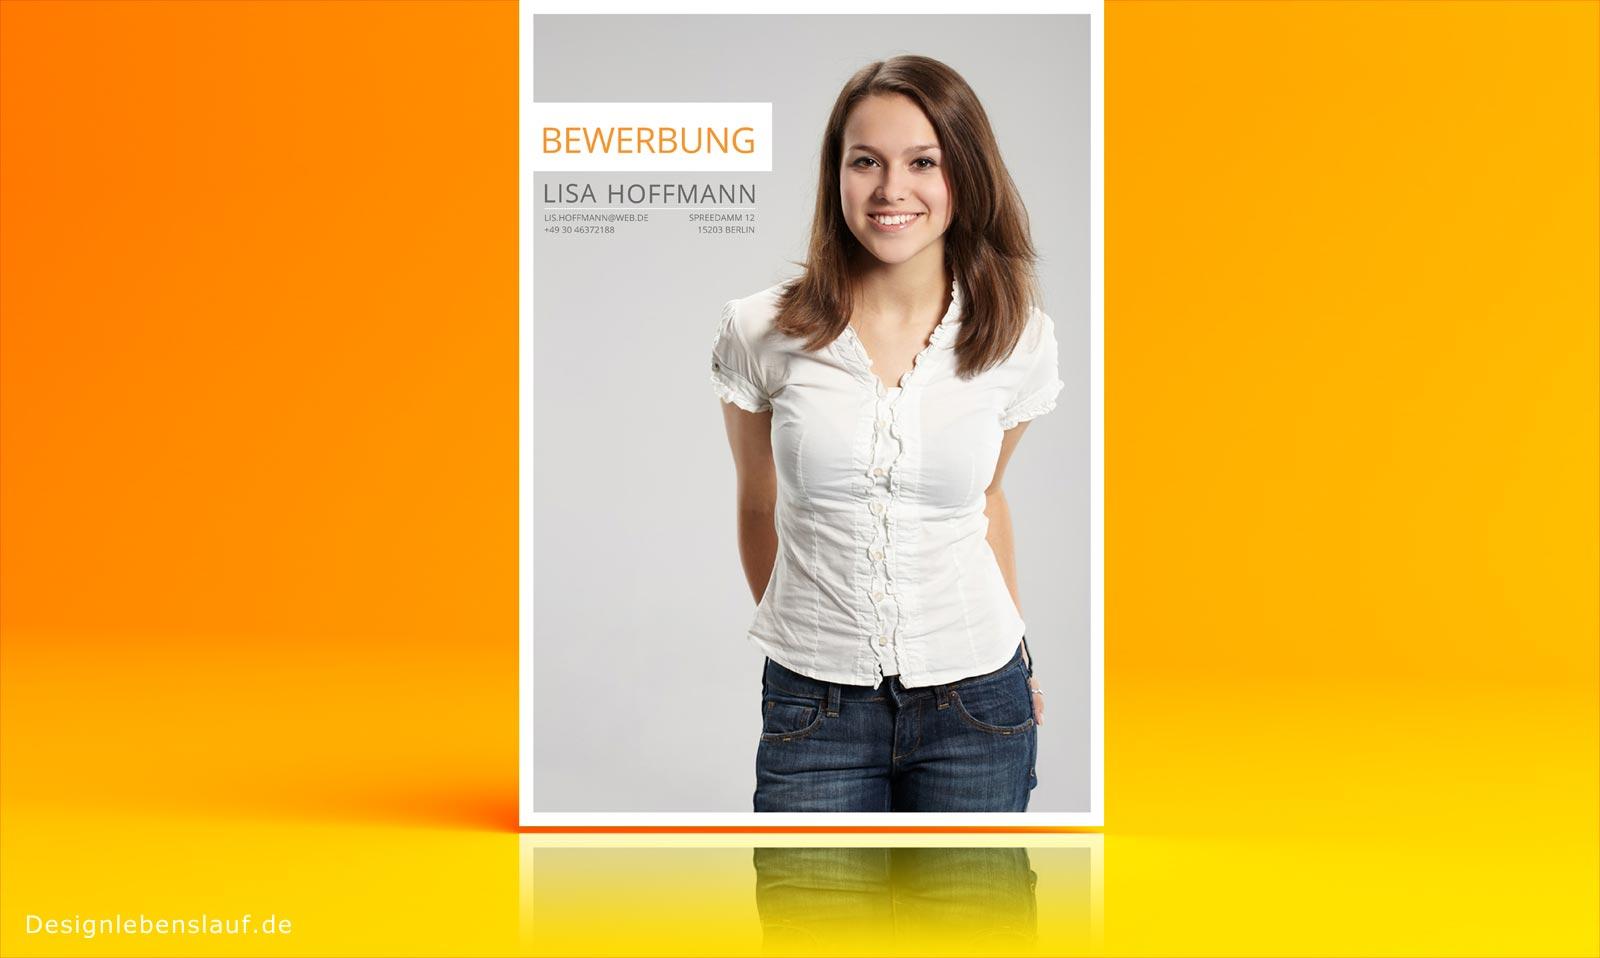 foto fuer bewerbung muster kurzbewerbung lebenslauf gestaltung  bewerbungssoftware kostenlos lebenslauf foto groesse anschreiben ...